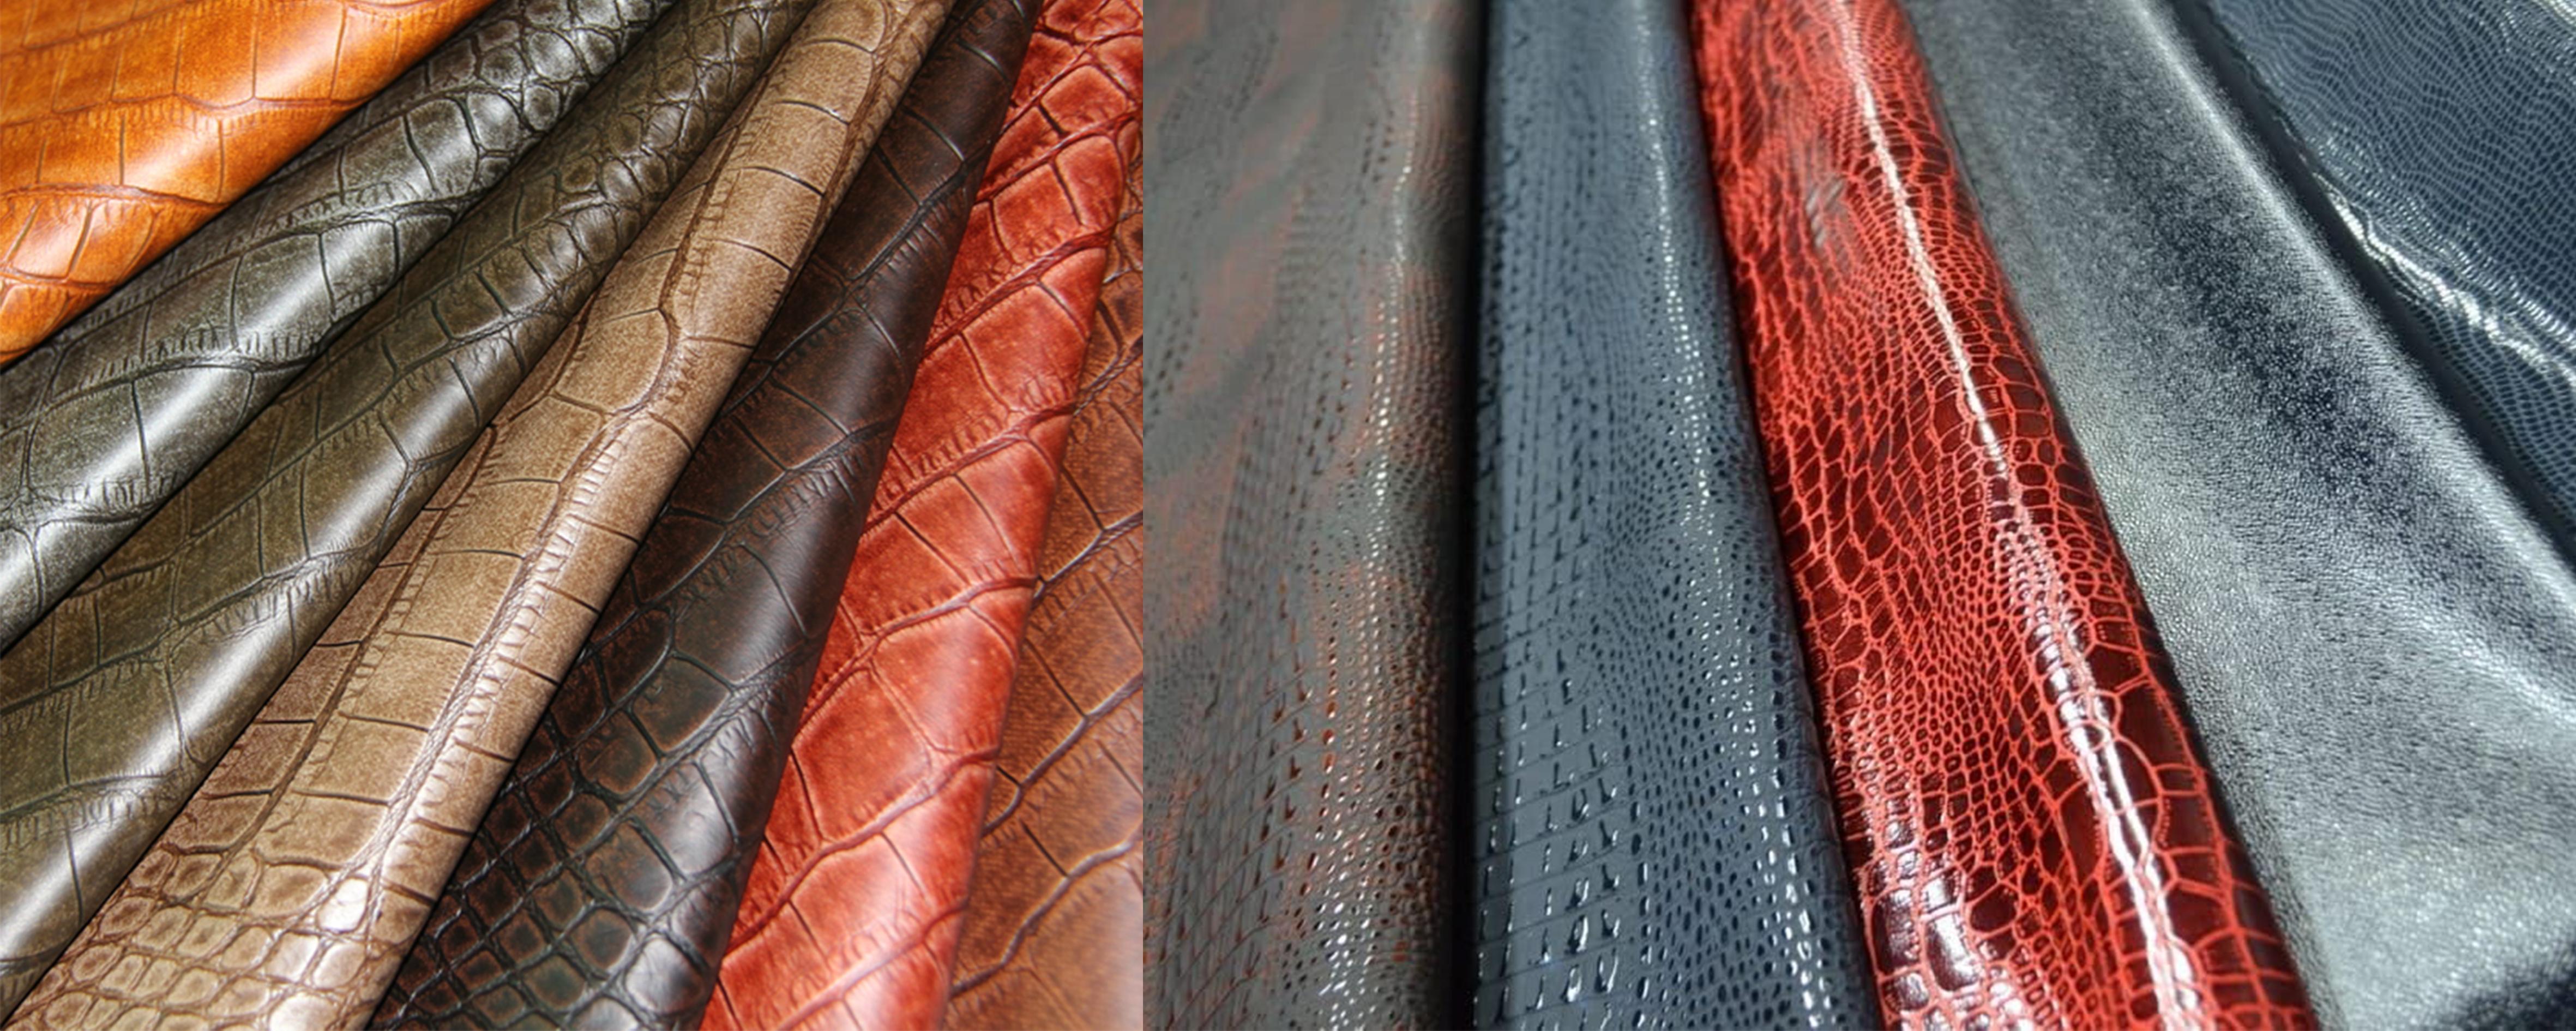 кожа для пошива мужской обуви